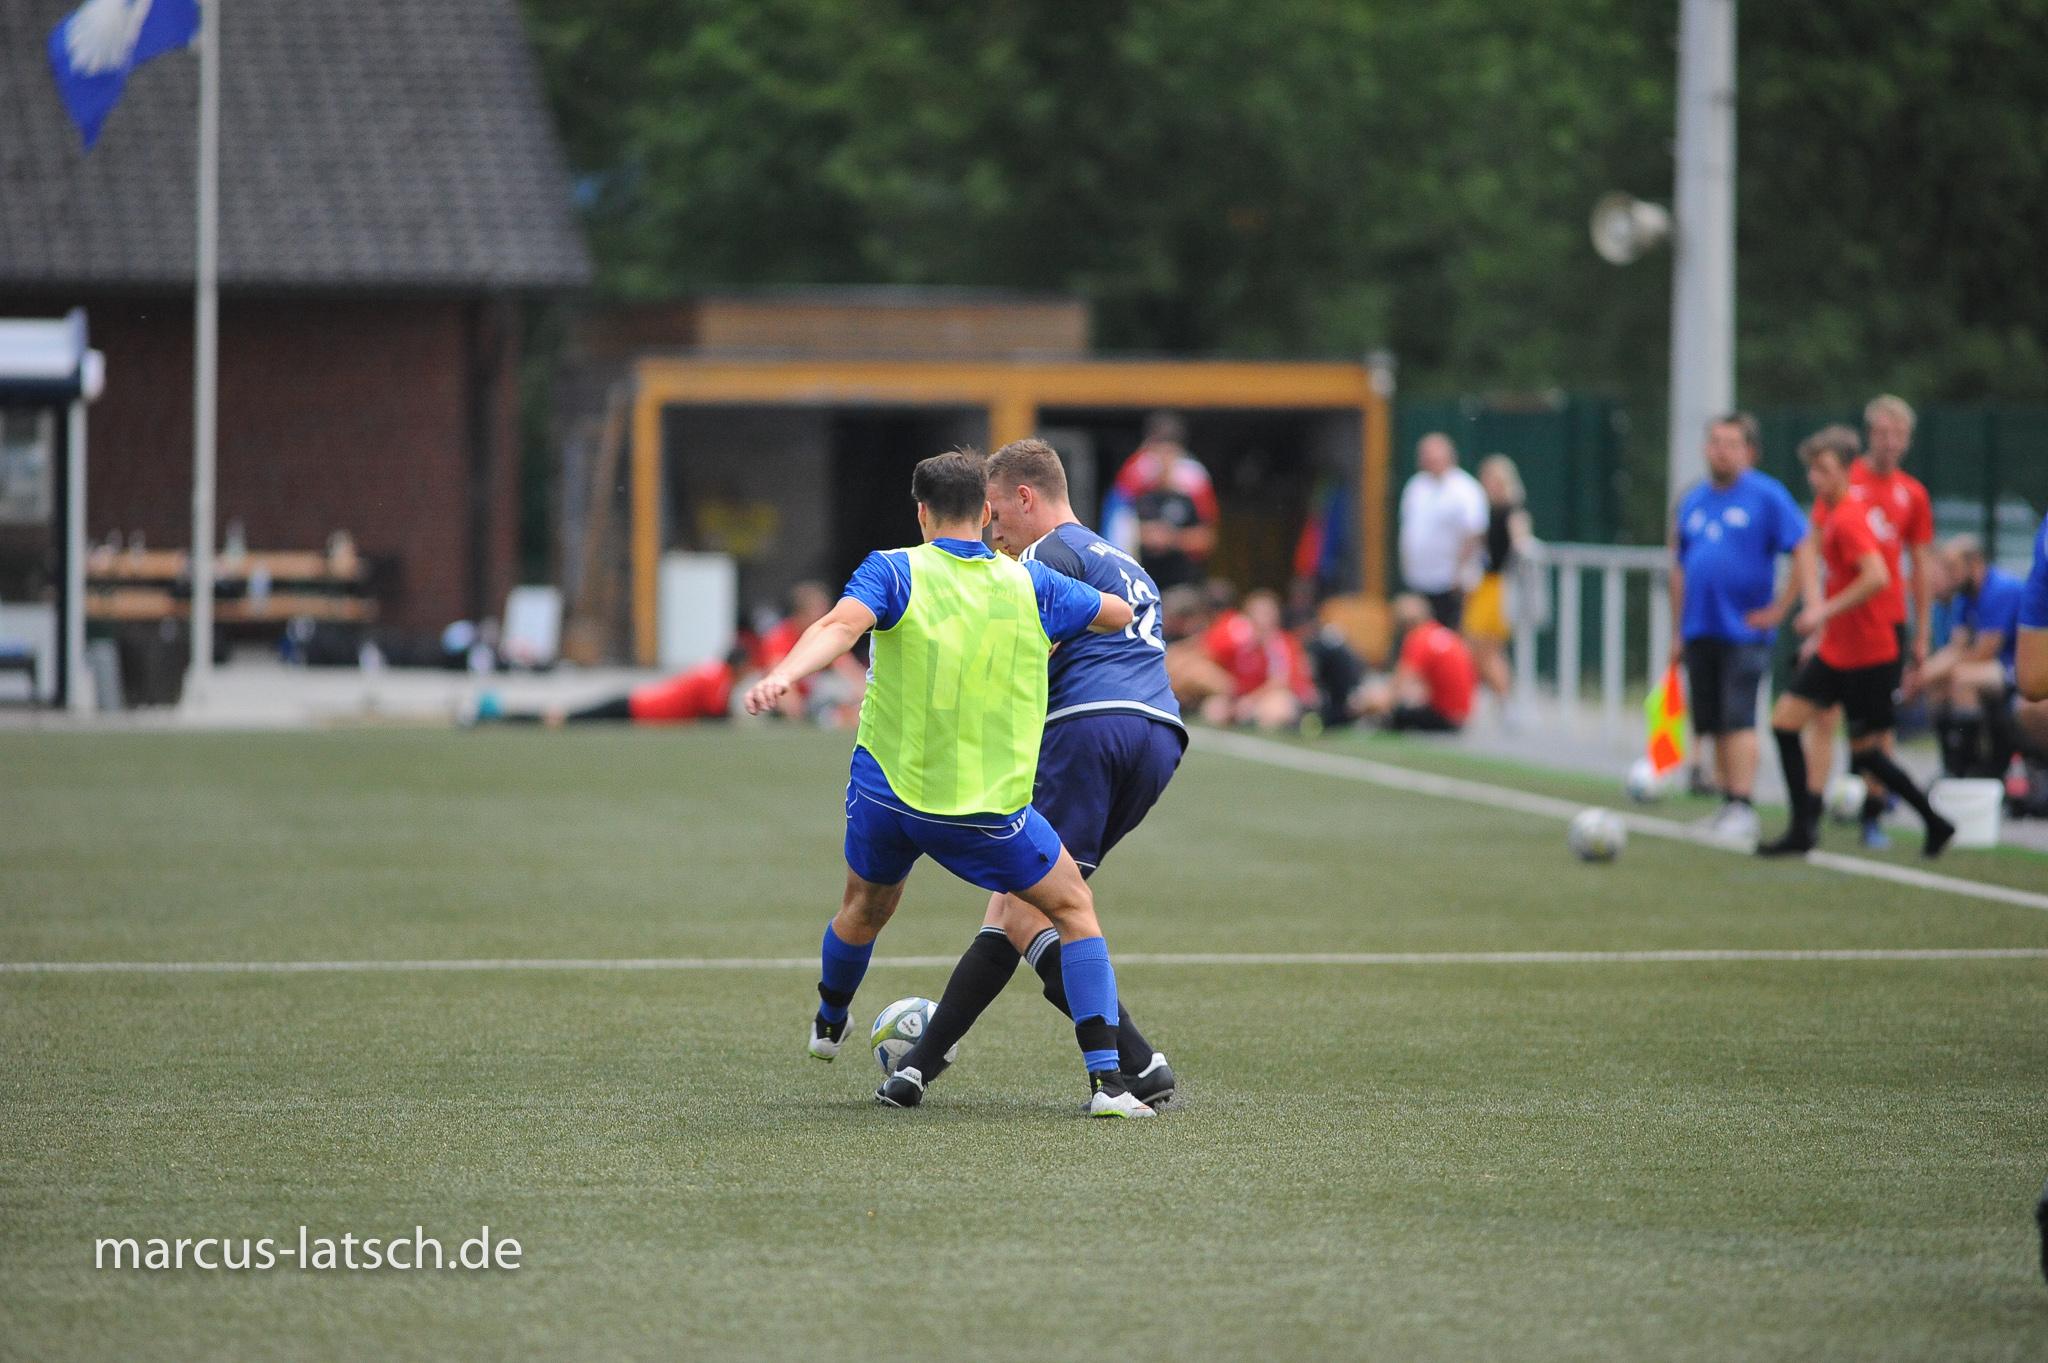 1807_DJK Friesenhagen_031